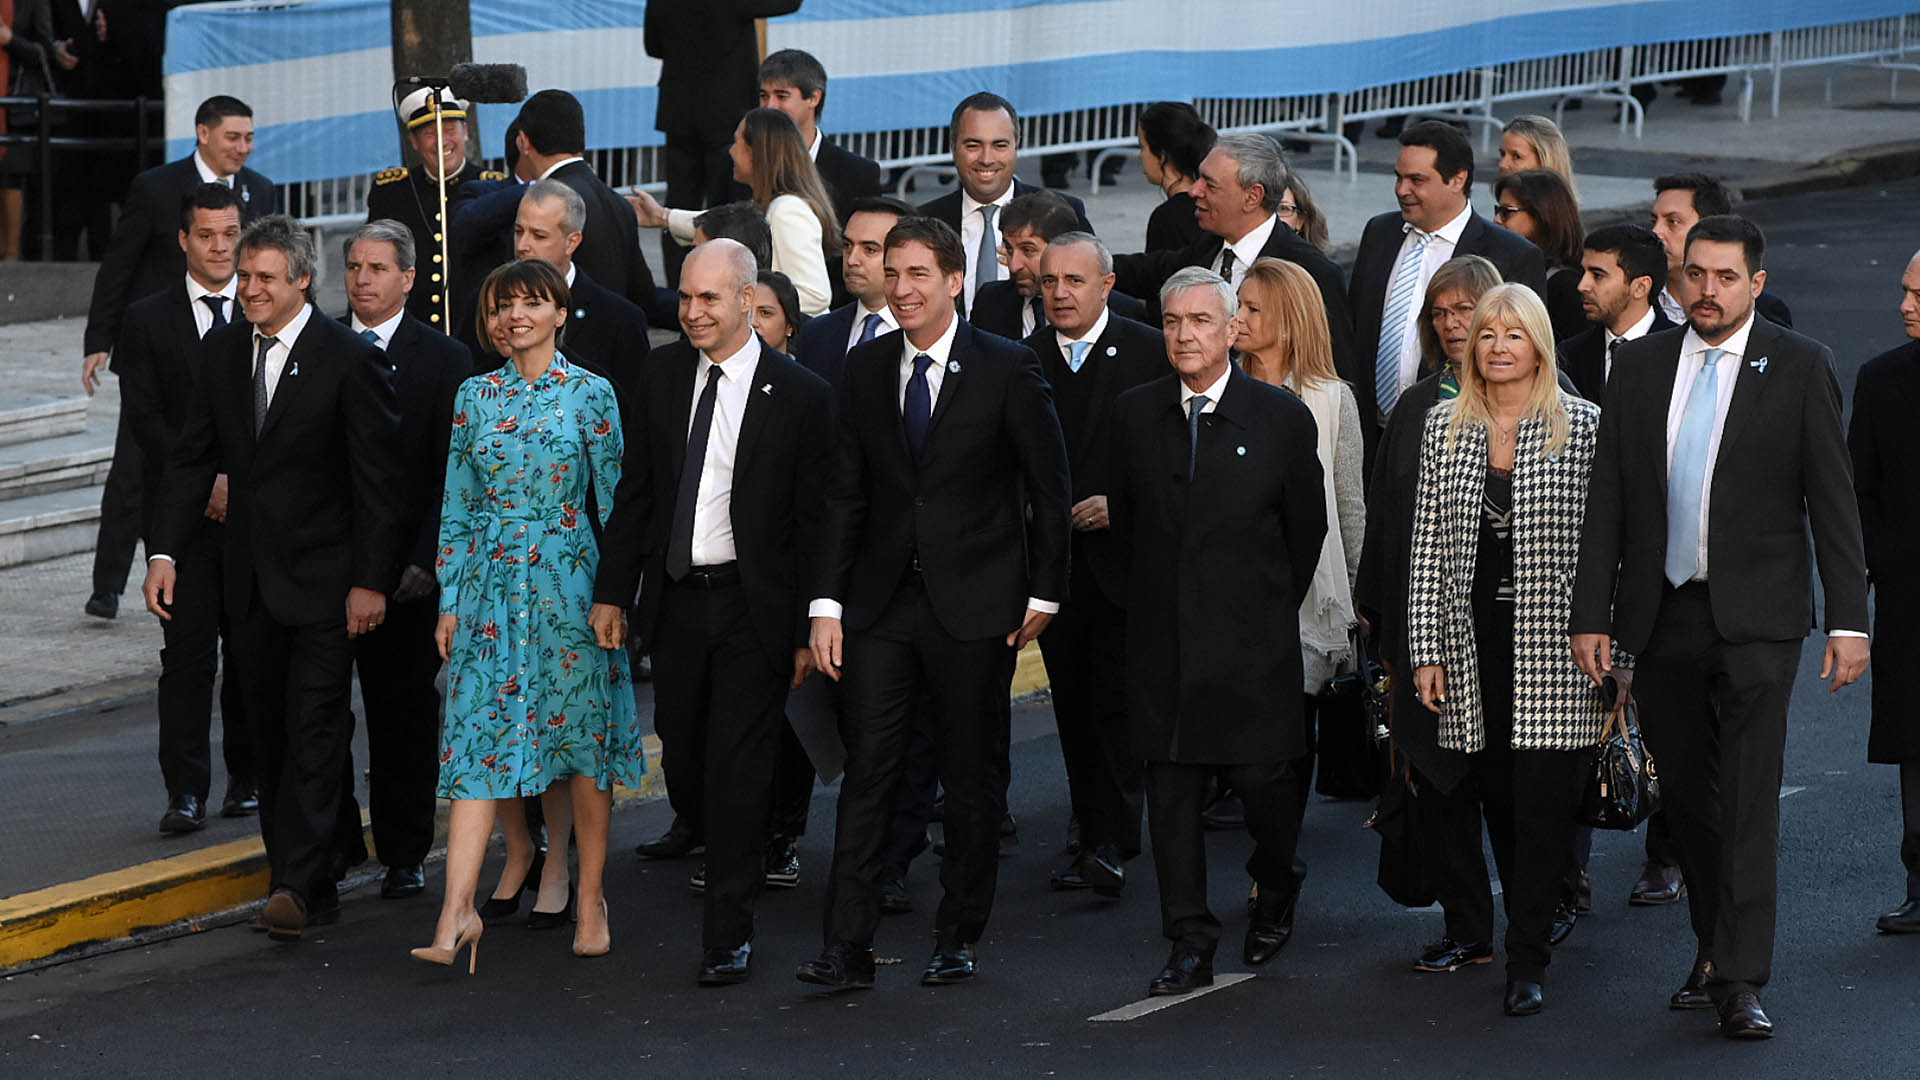 El Jefe de Gobierno porteño, Horacio Rodríguez Larreta, y el vicejefe, Diego Santilli, también estuvieron en el Tedeum por el 25 de Mayo